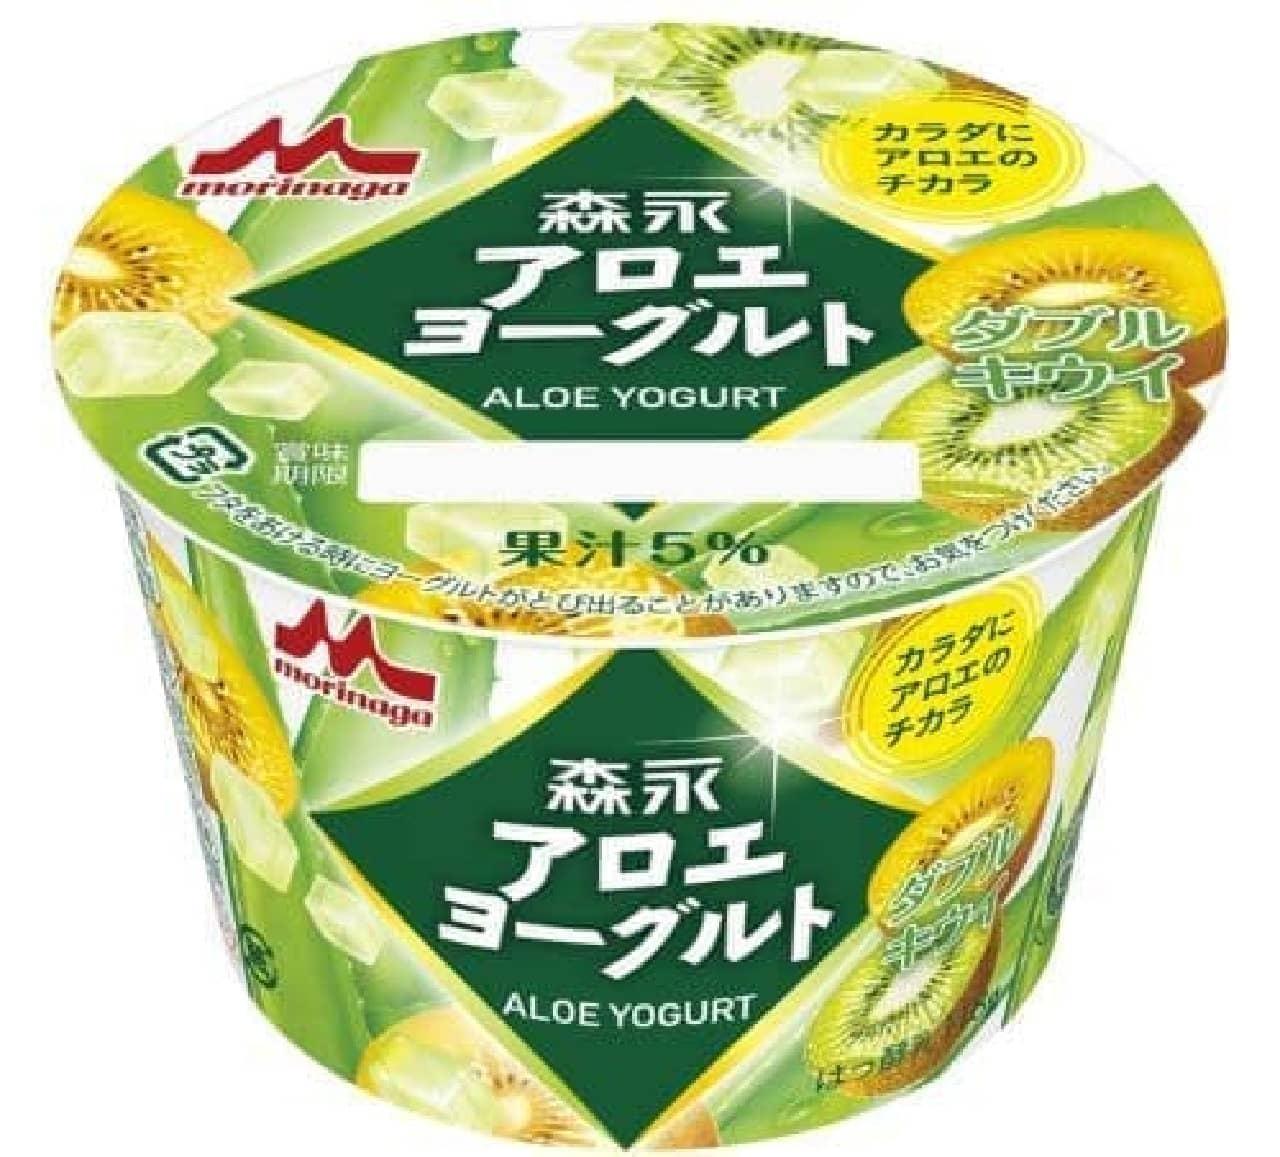 「森永アロエヨーグルト ダブルキウイ」は、グリーンキウイとゴールドキウイの果汁が使用されたヨーグルト